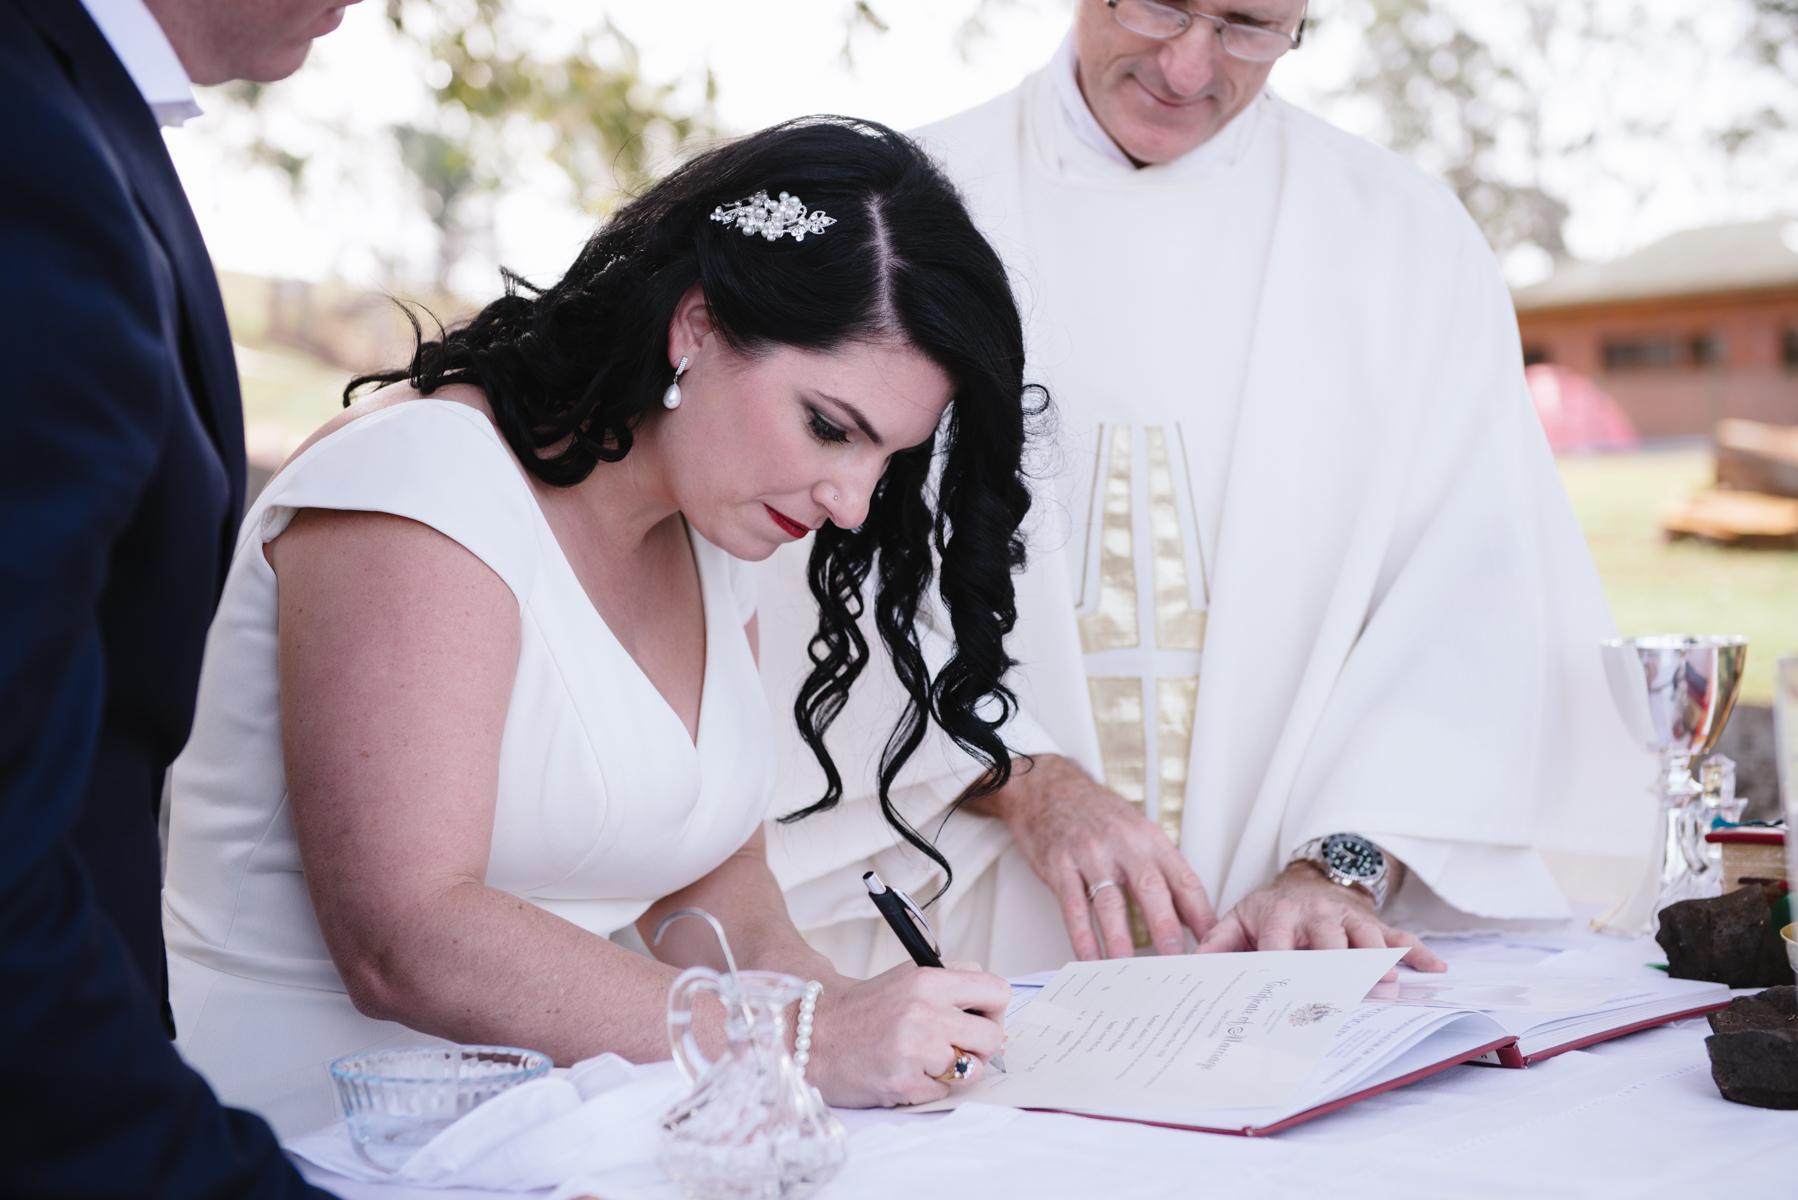 sarahandBenwedding- skyla sage photography weddings, families, byron bay,tweed coast,kingscliff,cabarita,gold coast-473.jpg